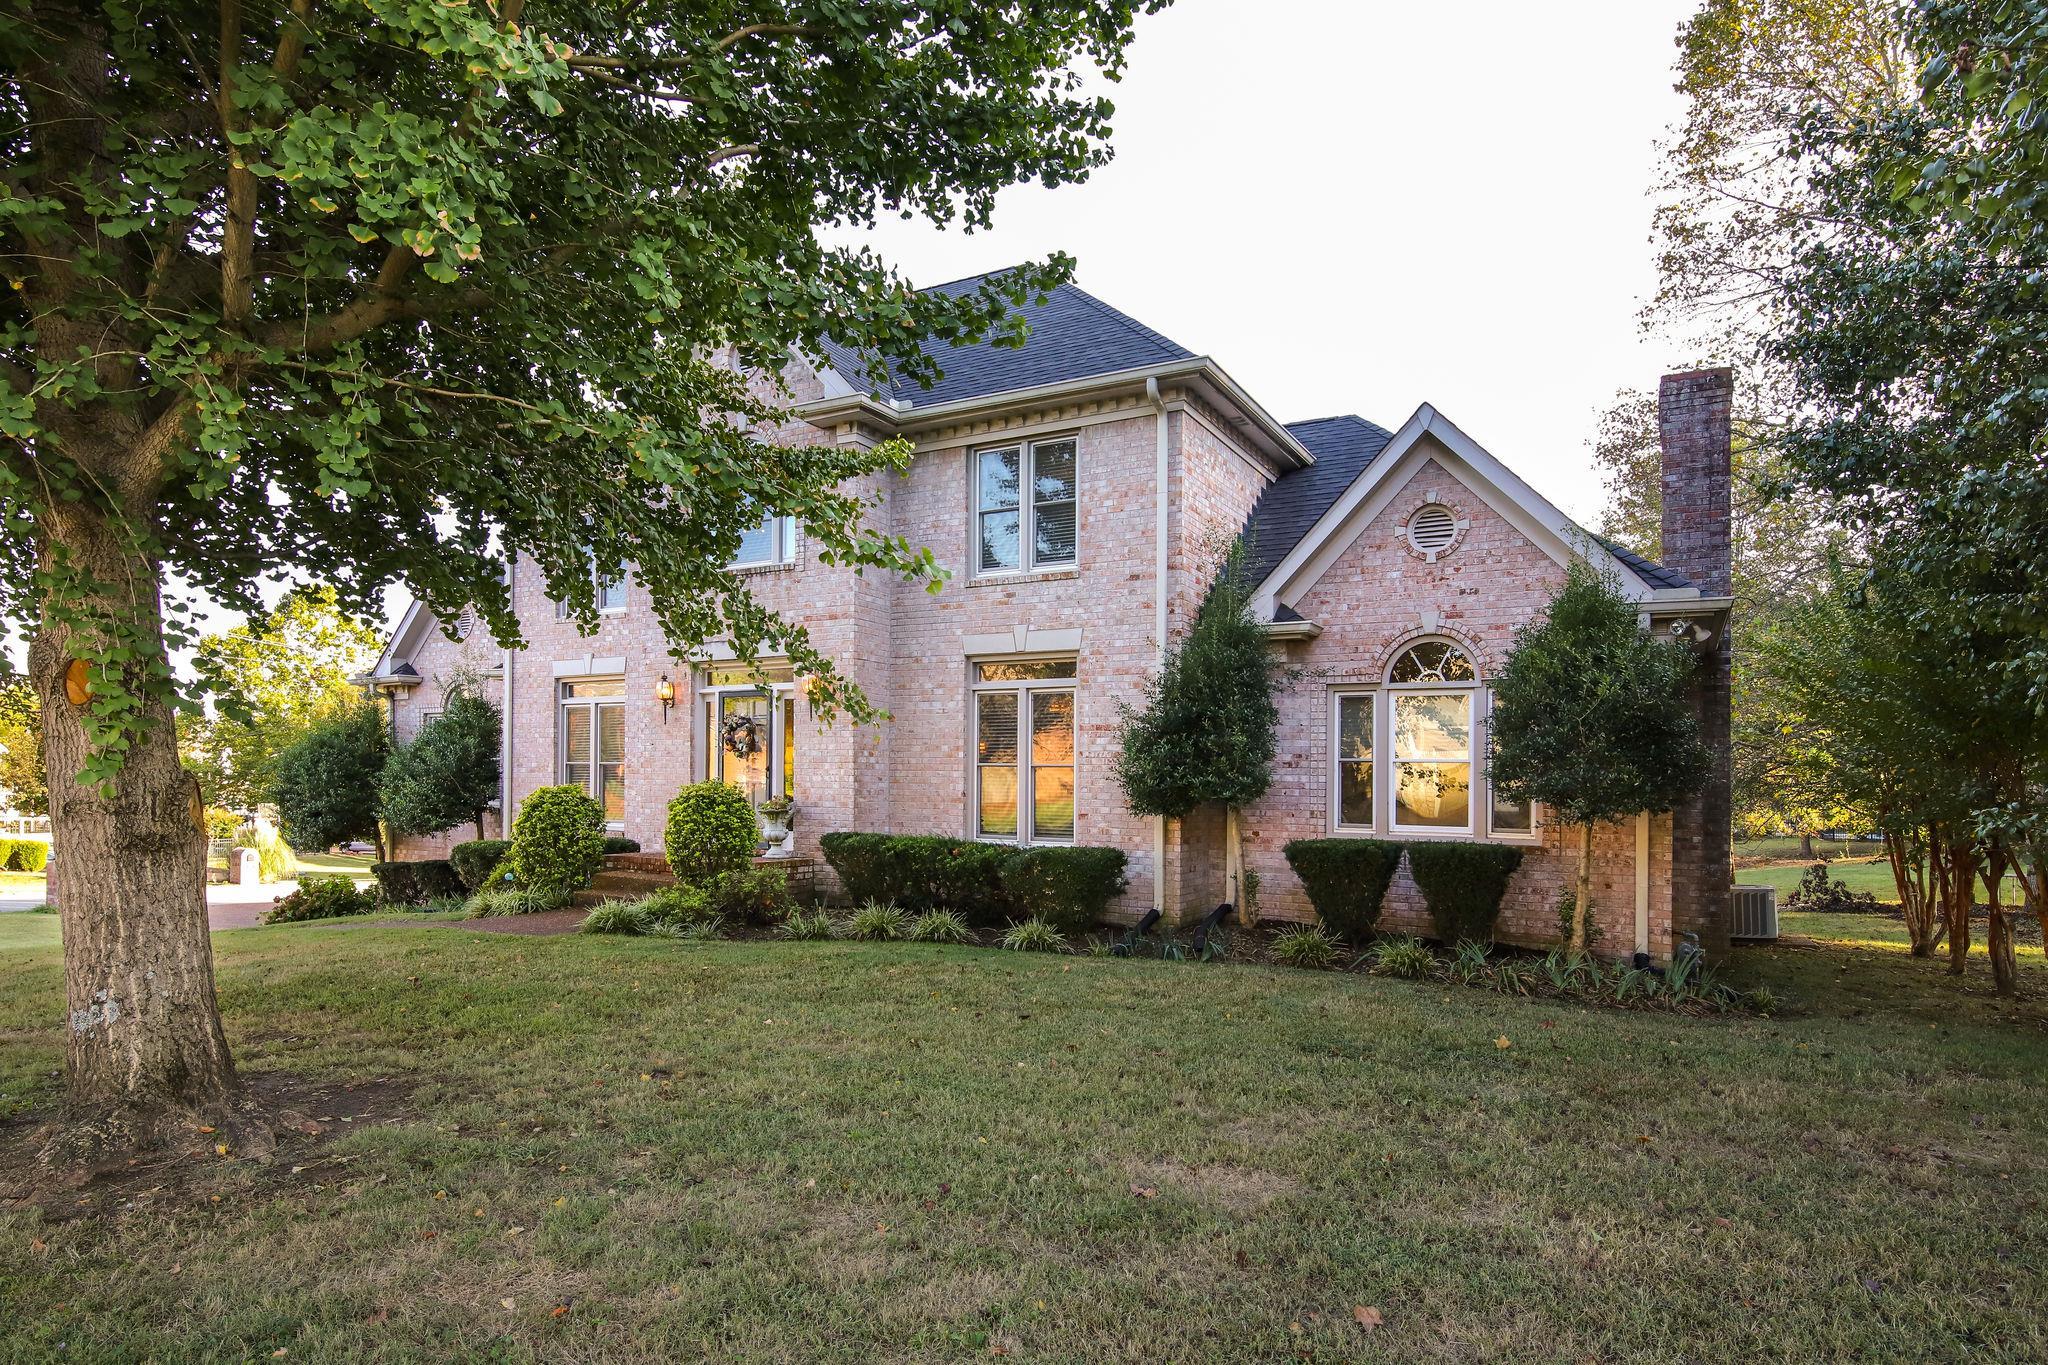 109 Saltwood Pl, Hendersonville, TN 37075 - Hendersonville, TN real estate listing